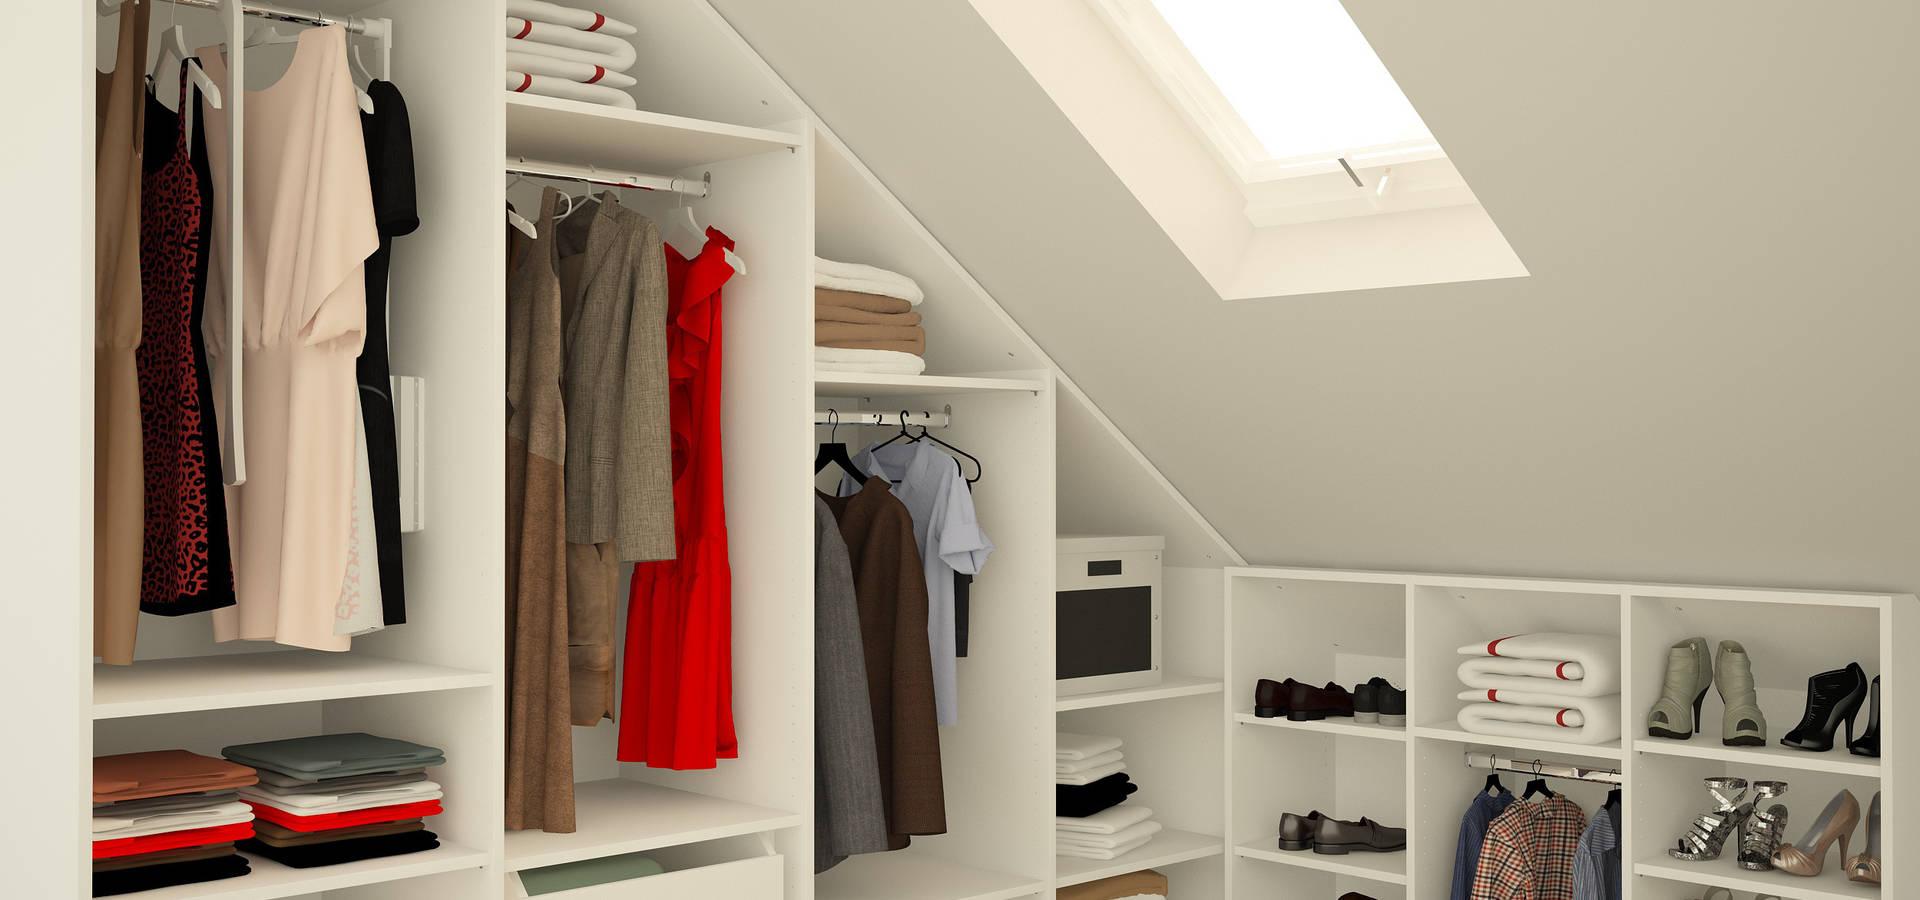 Wunderschön Bilder Fürs Wohnzimmer Beste Wahl Meine Möbelmanufaktur Gmbh